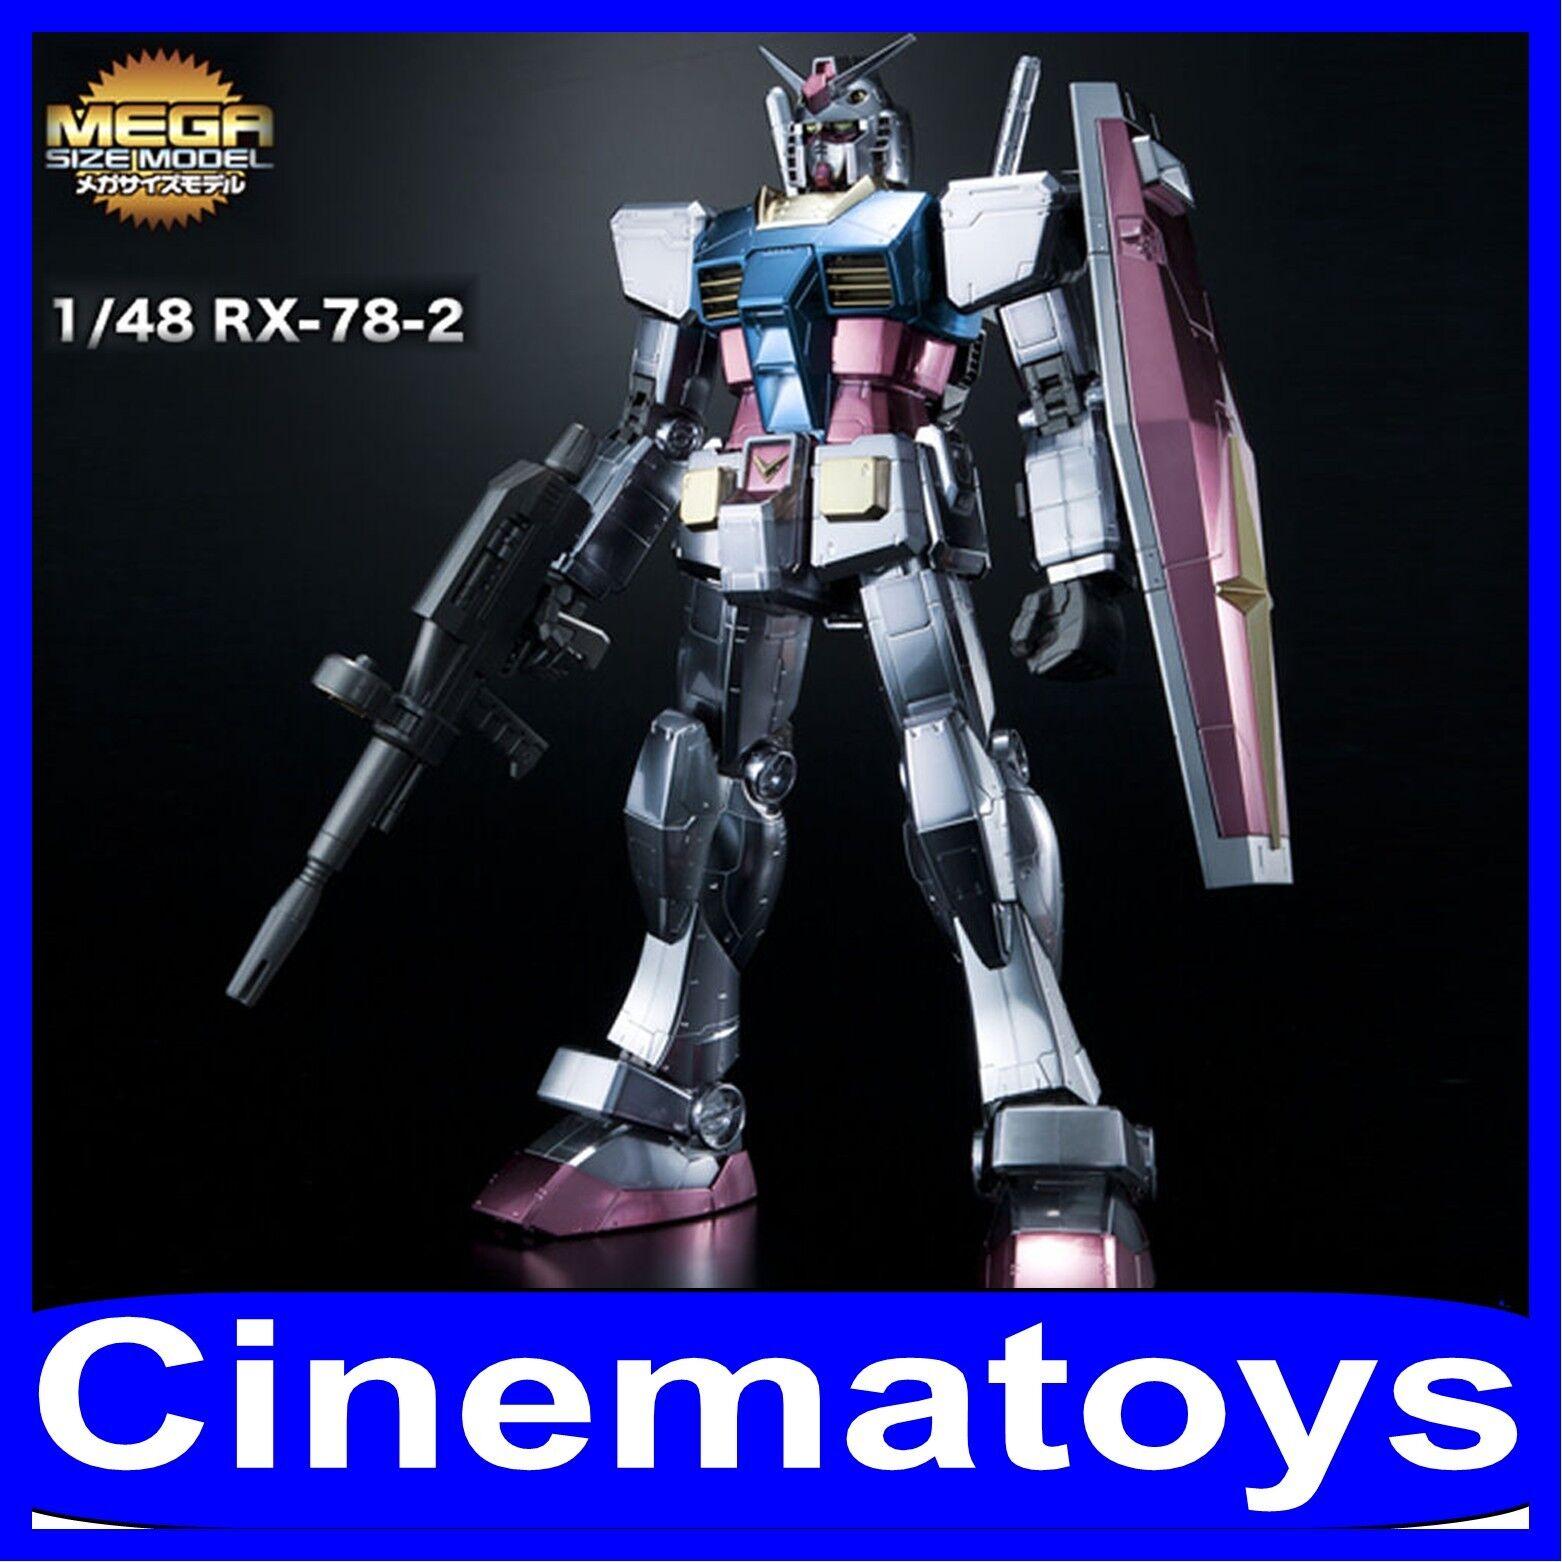 GUNLA EXPO 2011 ExcLUSIVE 1  48 Mega Storlek modellllerlerl RX -78 -2 Gundam Extra färdiga Ver.